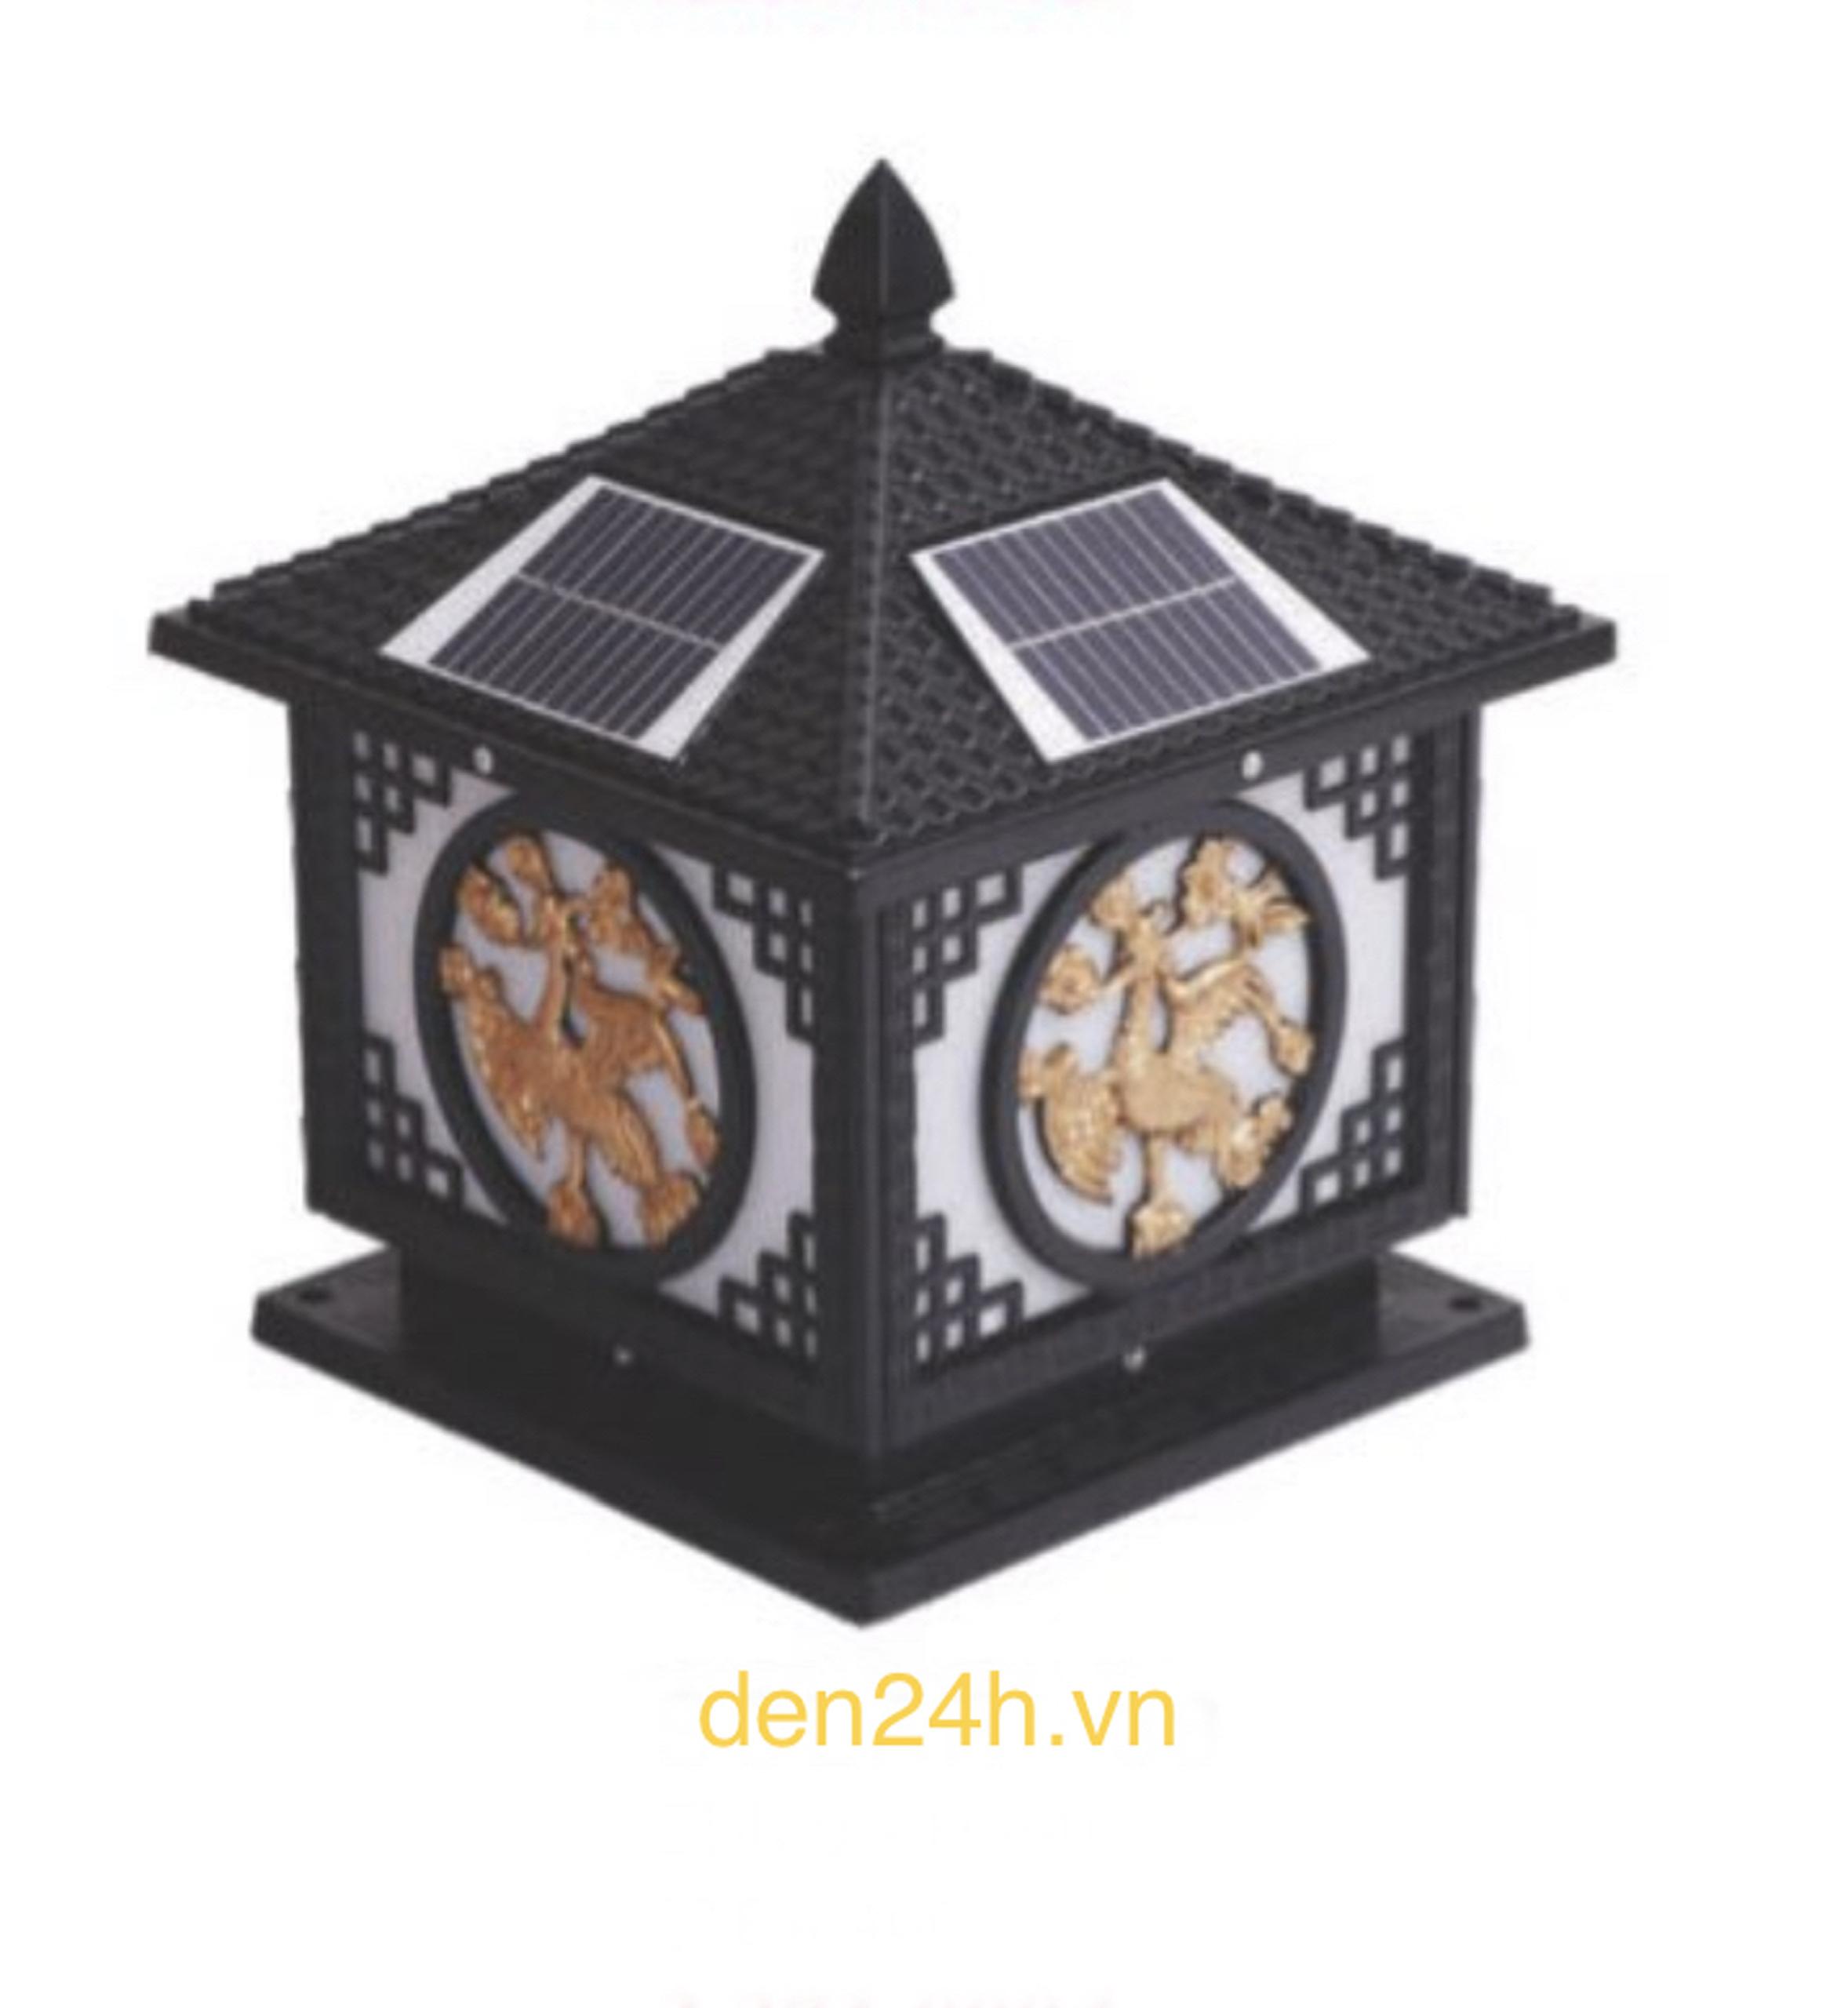 Đèn trụ cổng năng lượng mặt trời CT1 Solar-38  L400xH350